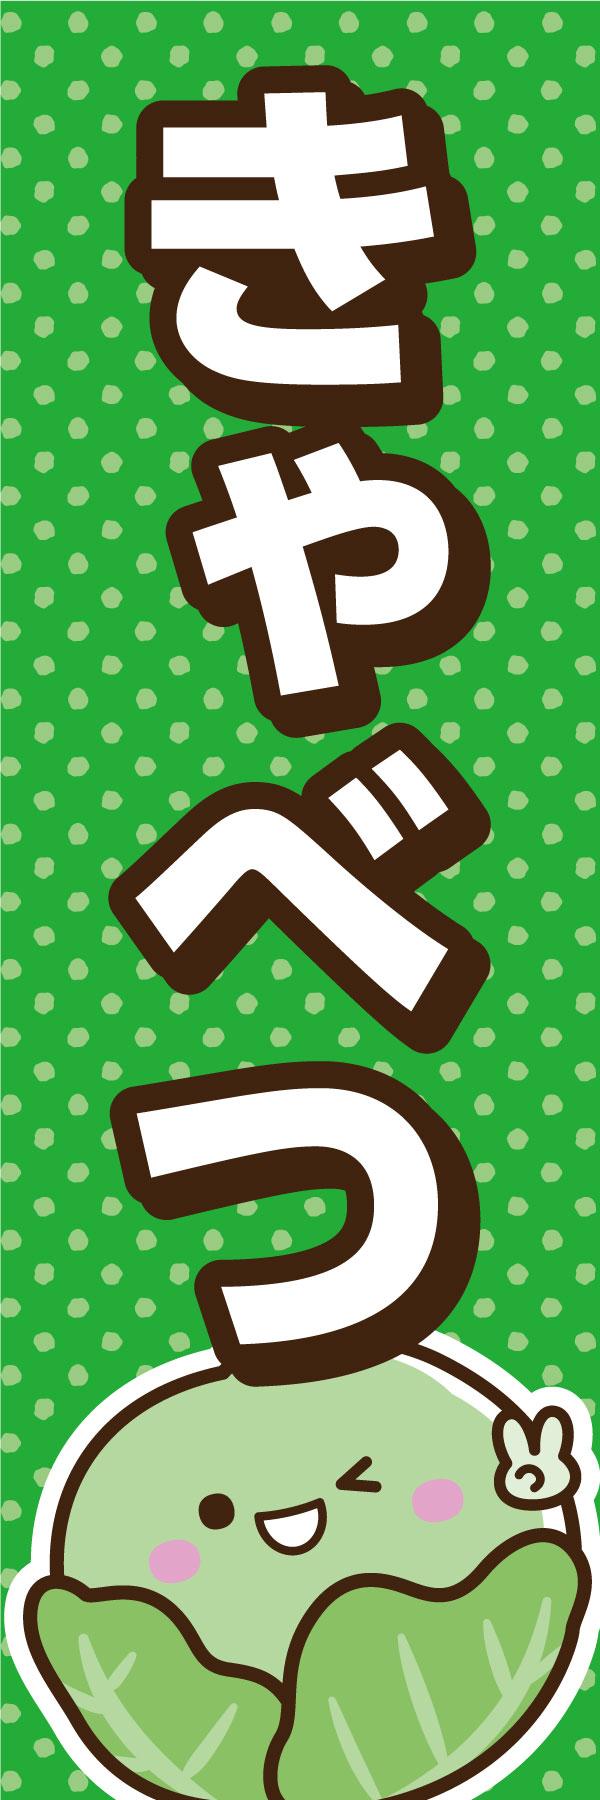 飲食店のぼり_きゃべつ